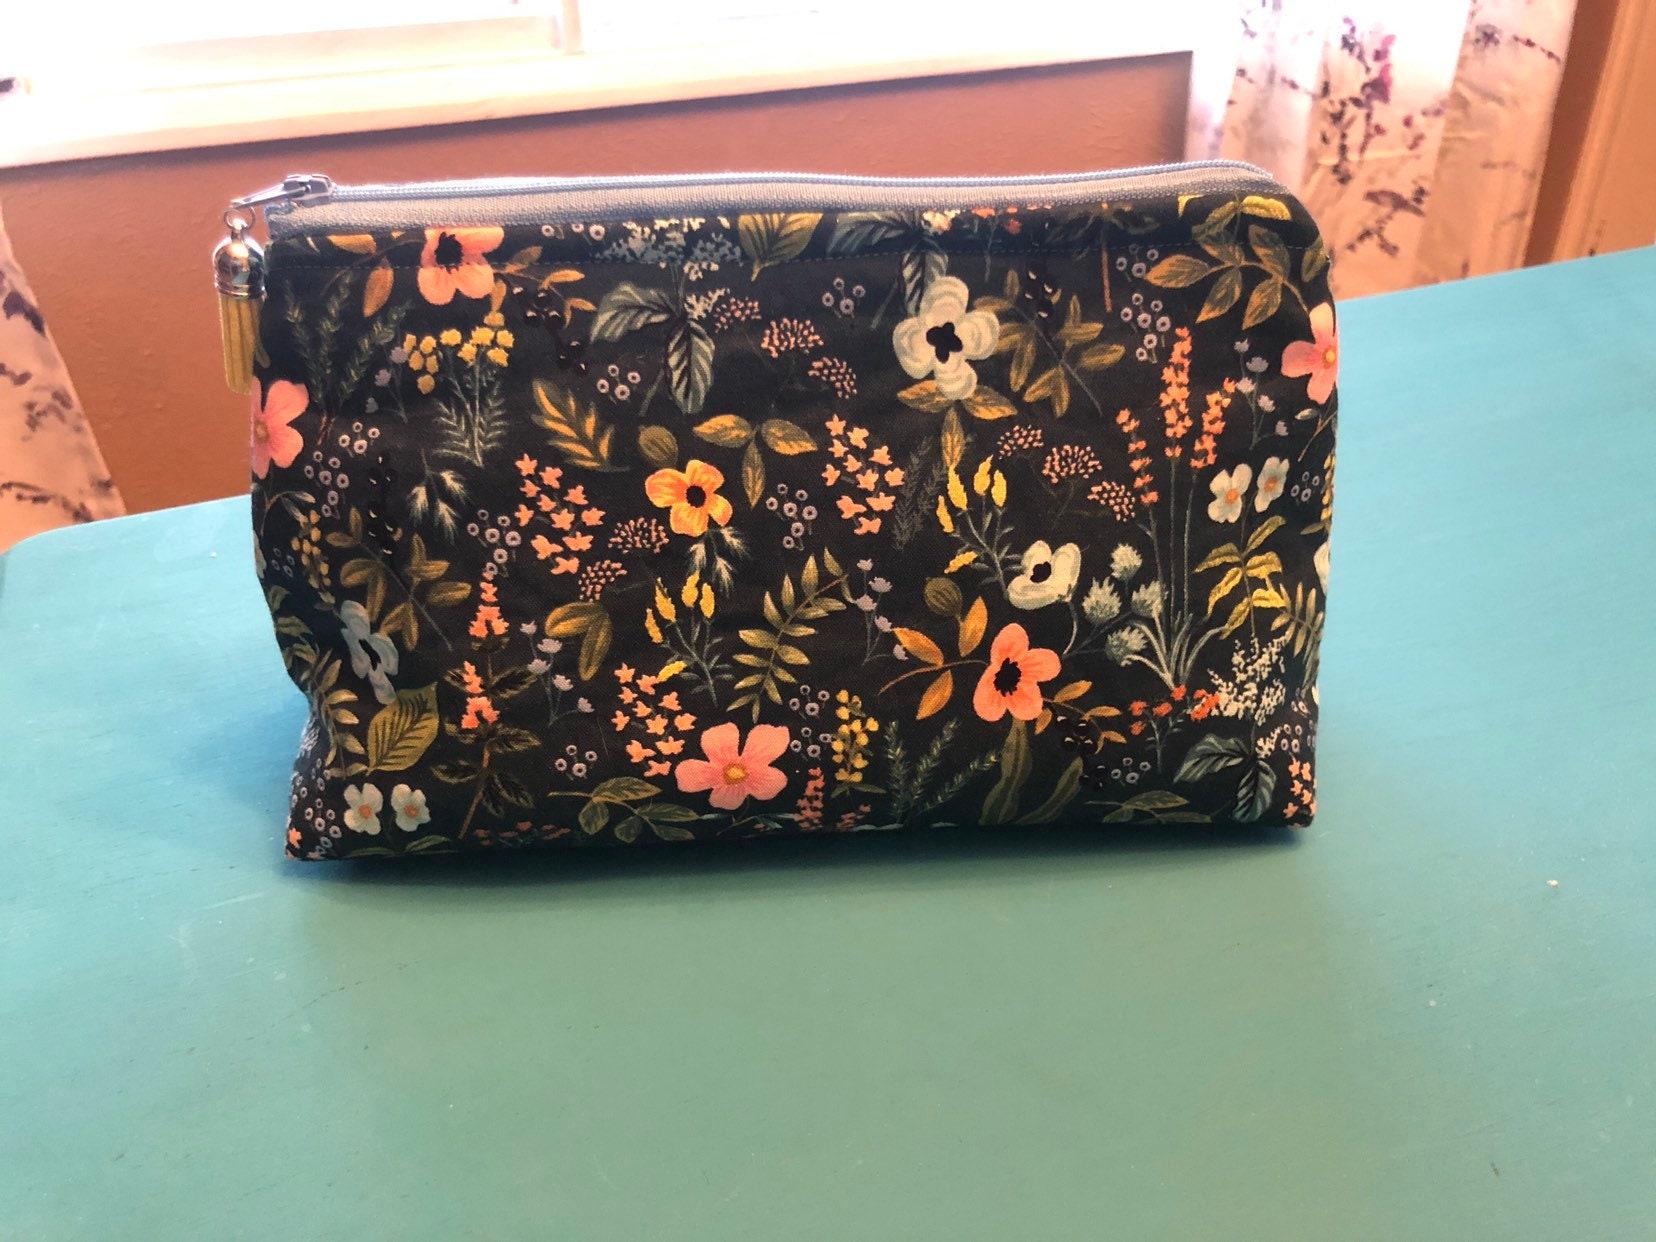 dc49e865f8fa Floral makeup bag. Floral pouch. Floral handmade pouch. Floral handmade  makeup bag. Stripped makeup bag. Stripped pouch.